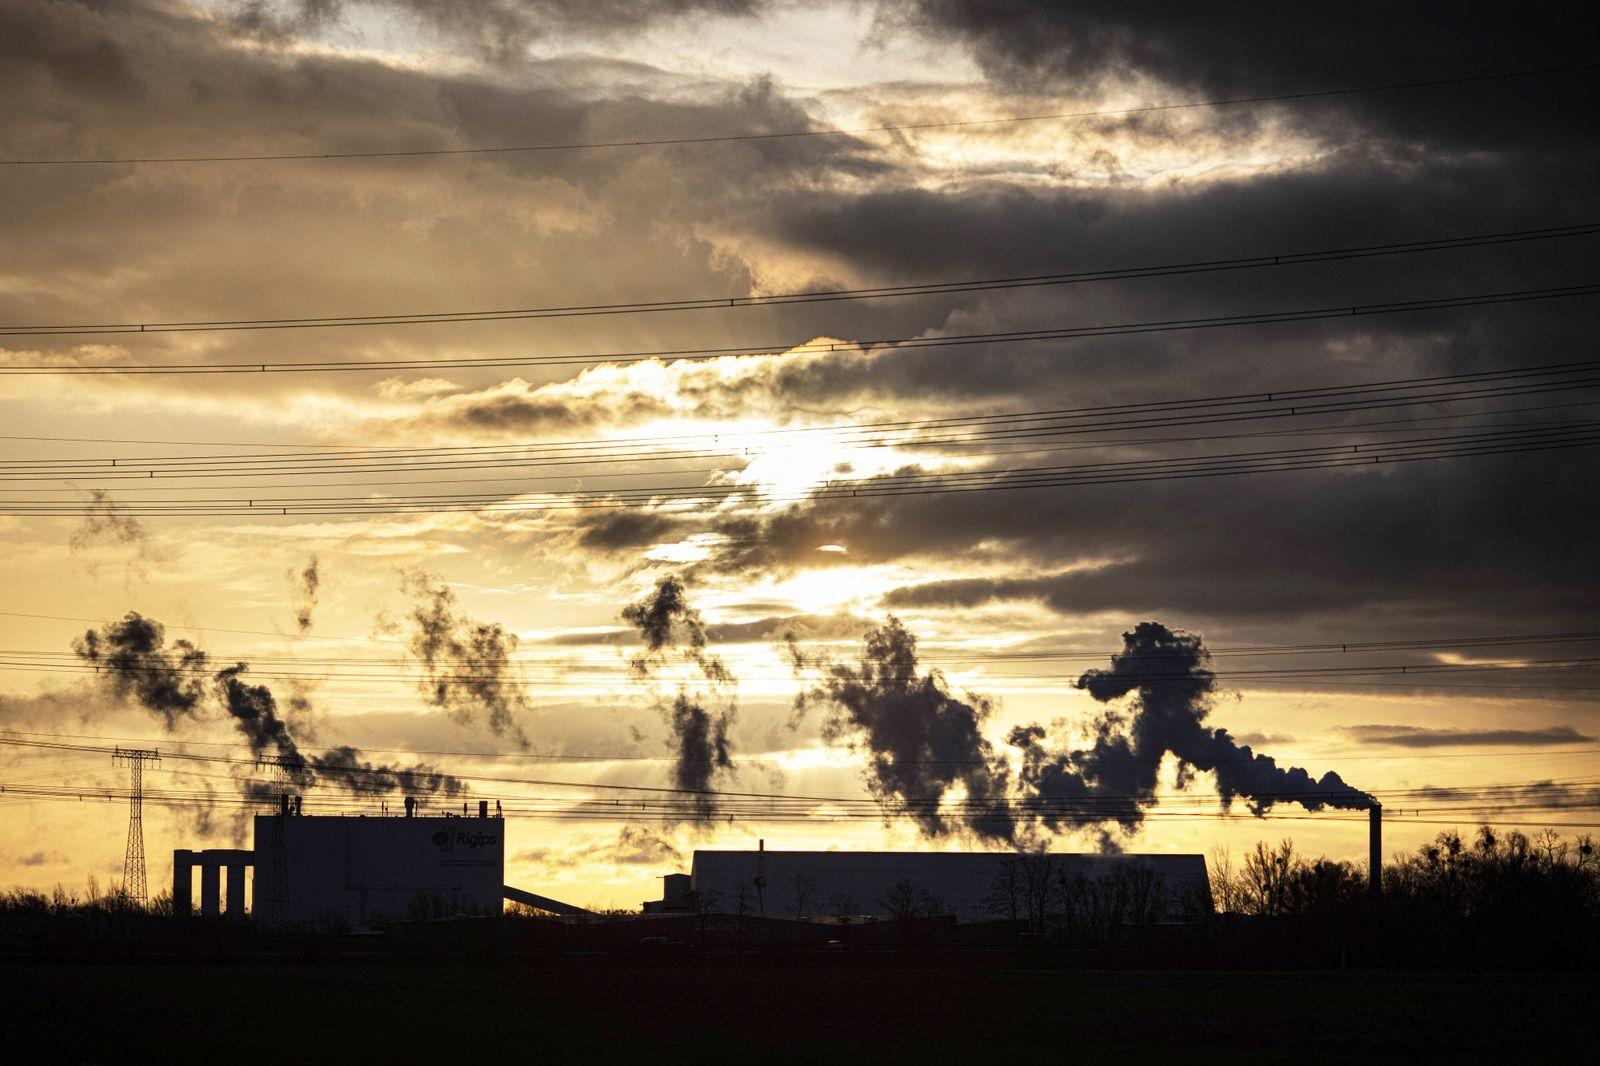 Emission aus einem Schlot im Industriegebiet, aufgenommen bei Sonnenaufgang in Brieselang, 18.02.2020. Brieselang Deutsc